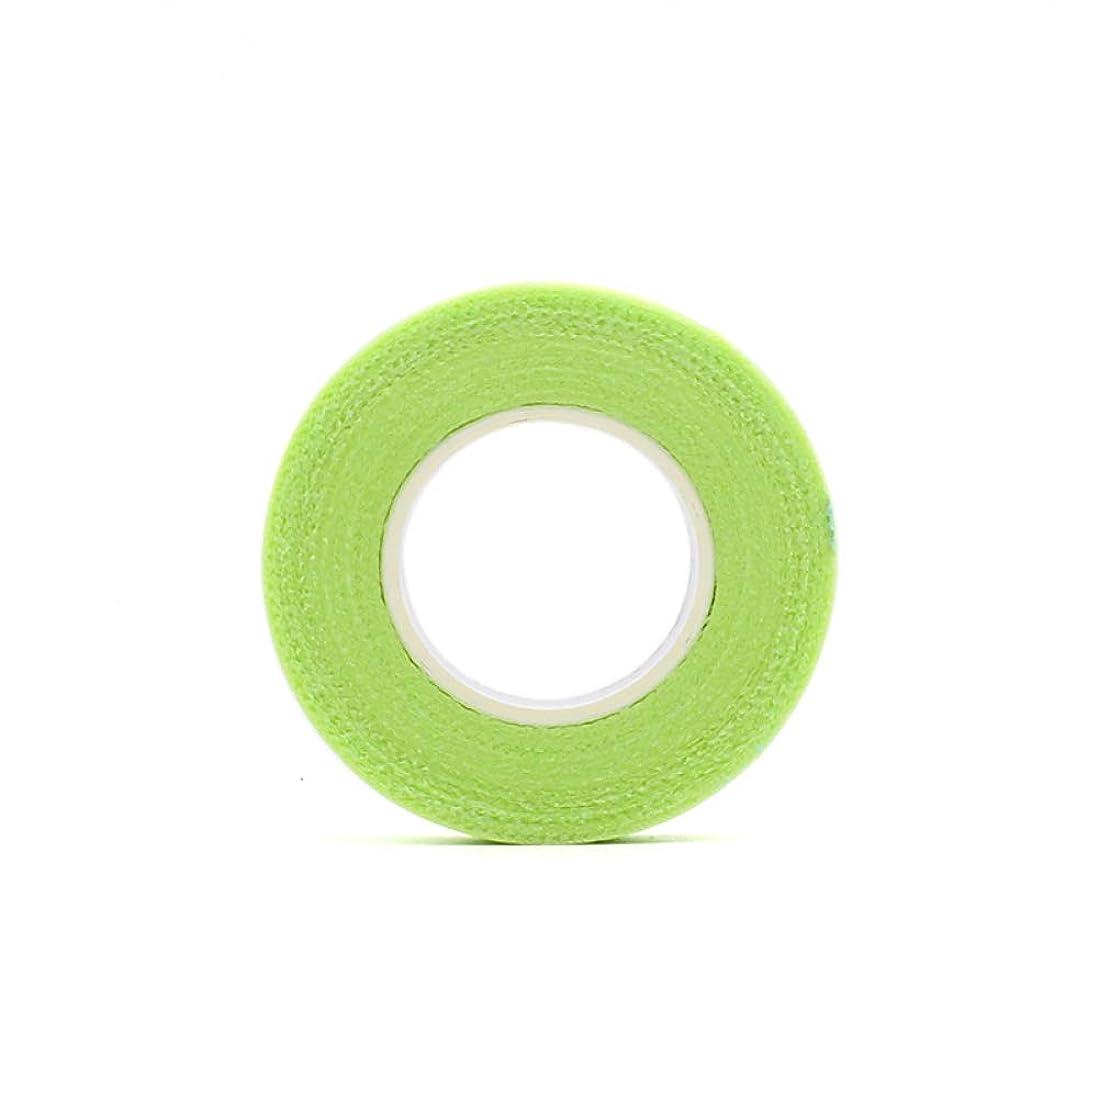 素子またはスーパーマーケットGUOJIAYI 穴付きの3個のまつげアイソレーション、通気性があり快適な緑のアイパッド